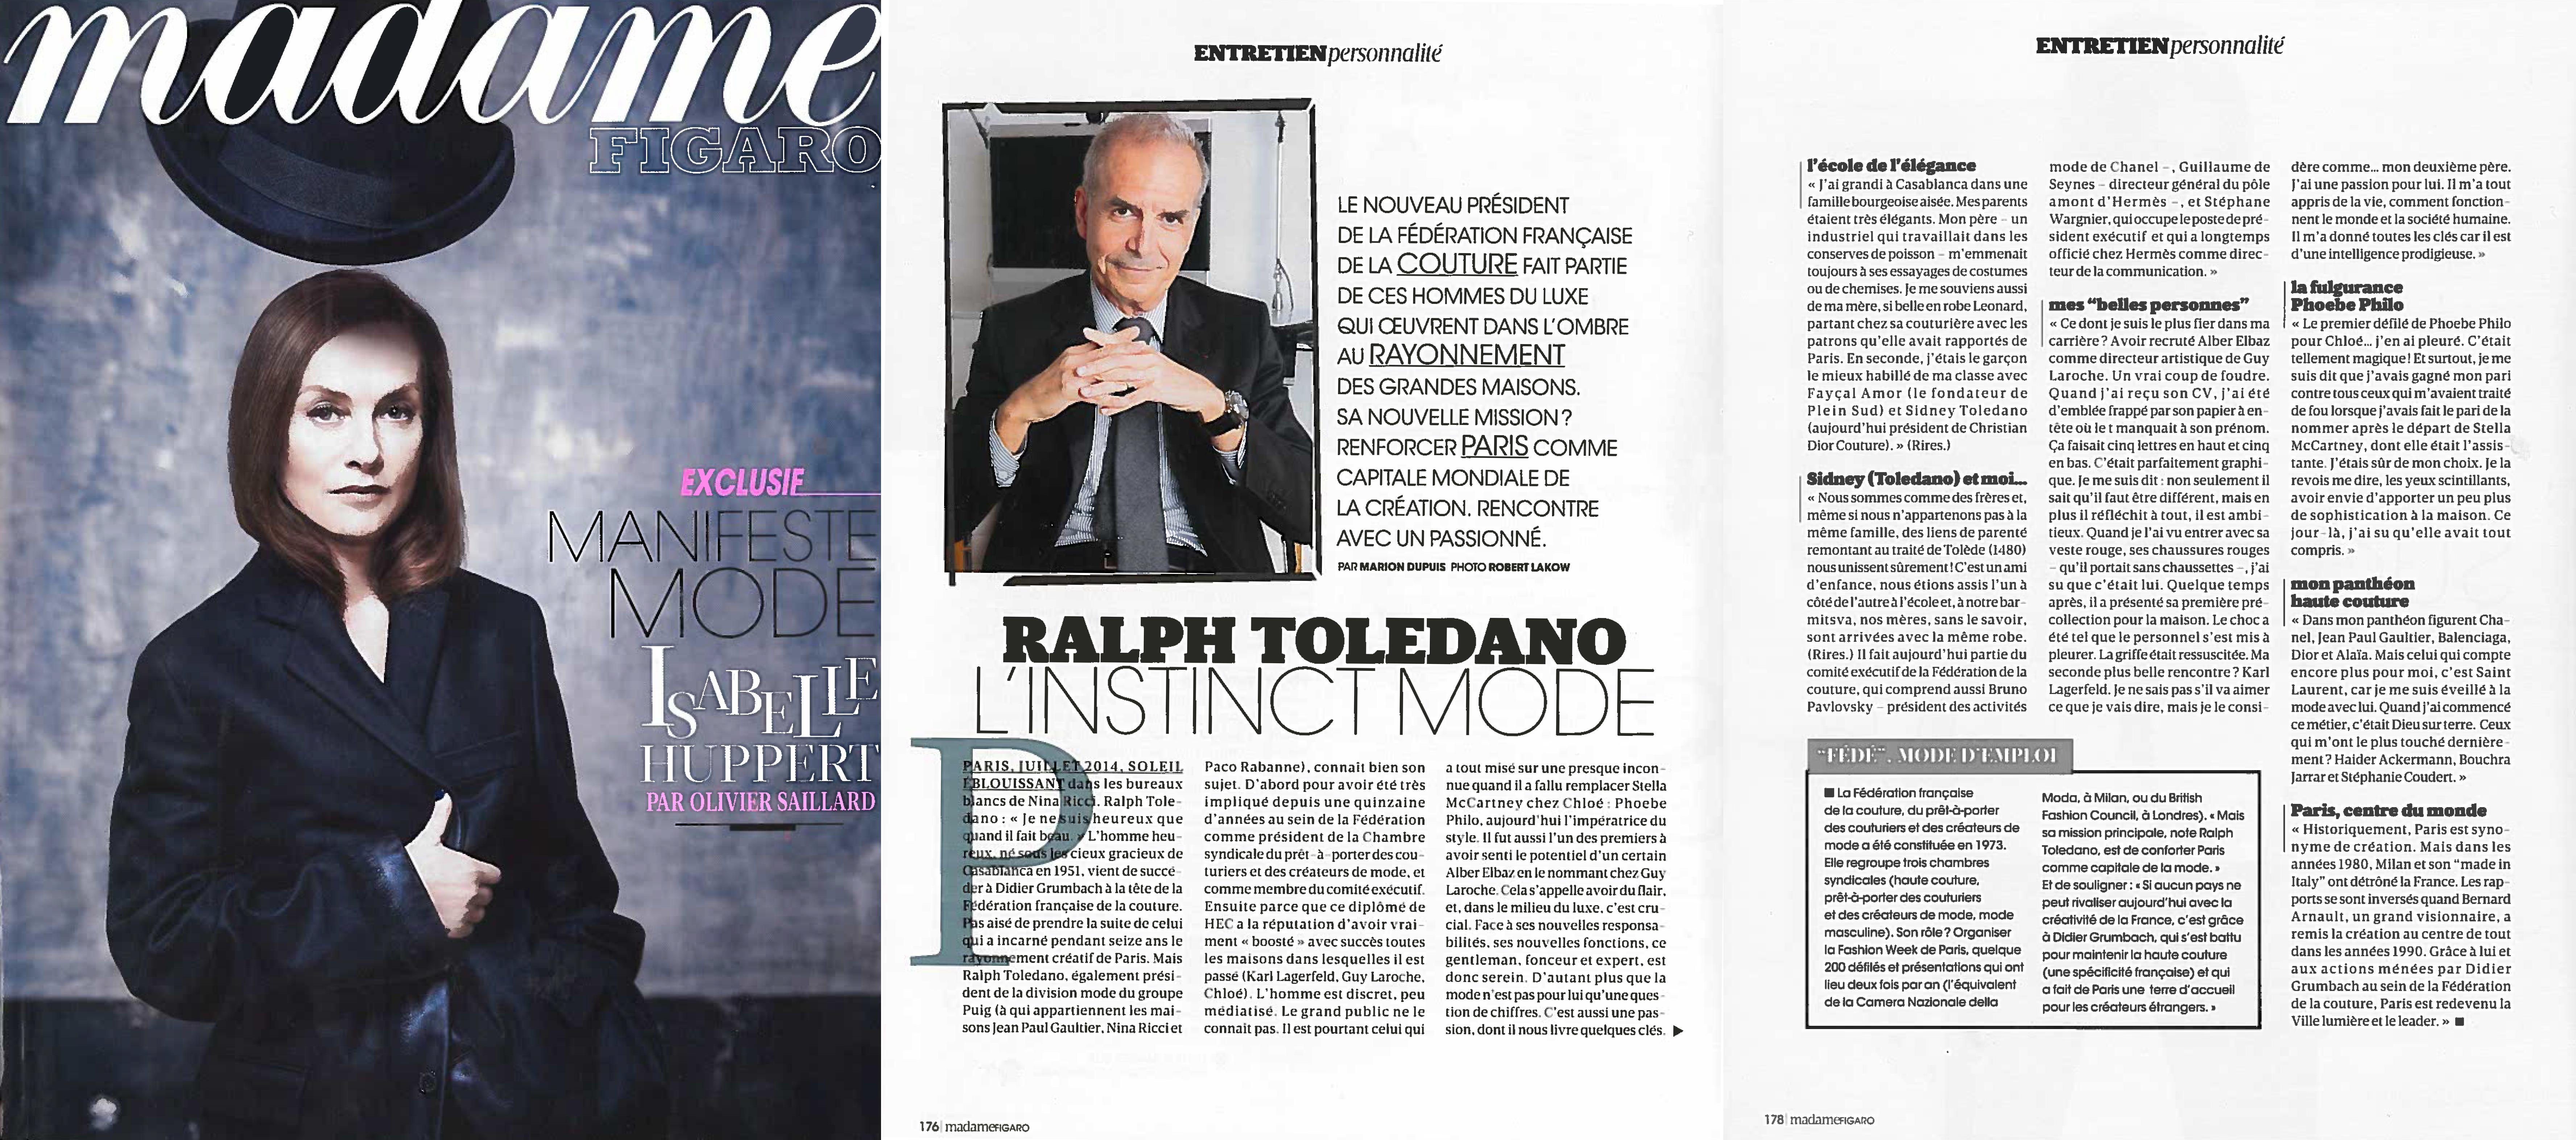 Madame Figaro - 27 Sept 2014 Cover.jpg